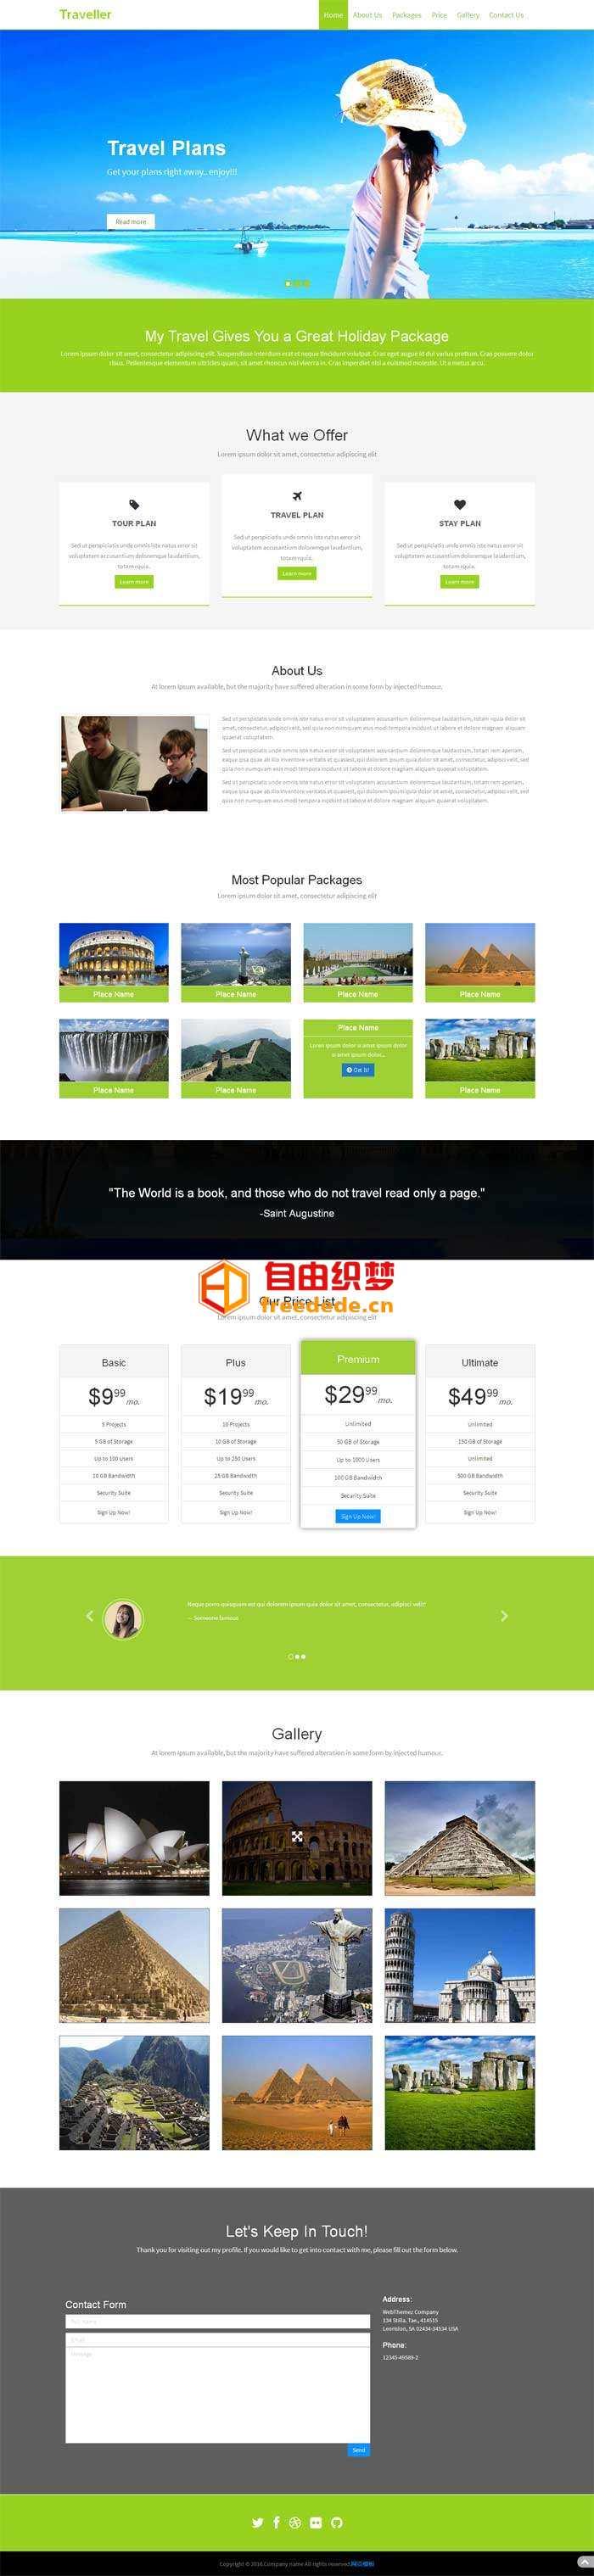 爱上源码网文章绿色大气的国际旅游公司展示模板的内容插图